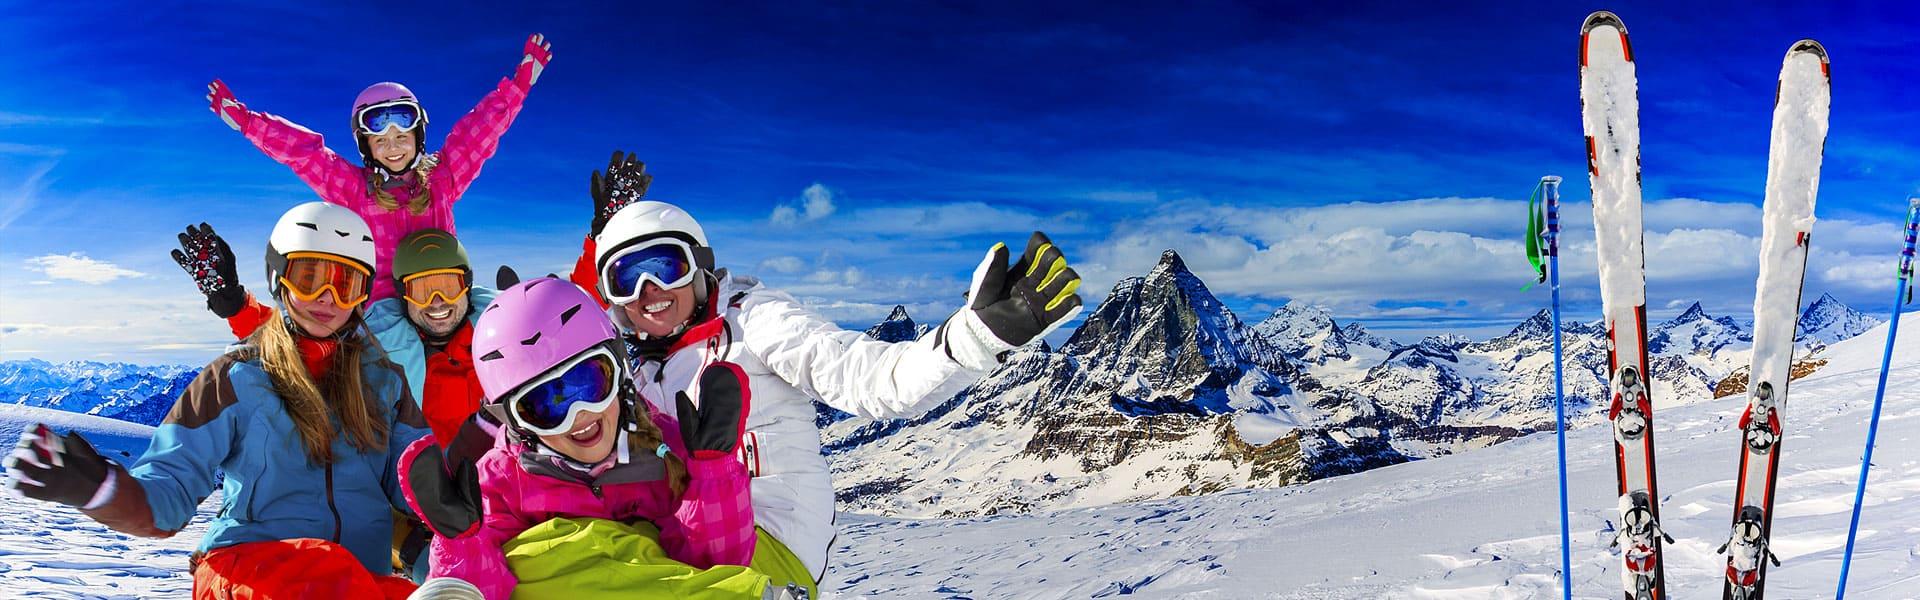 Skigenuss vom Allerfeinsten! Die schönsten Skiregionen in Österreich